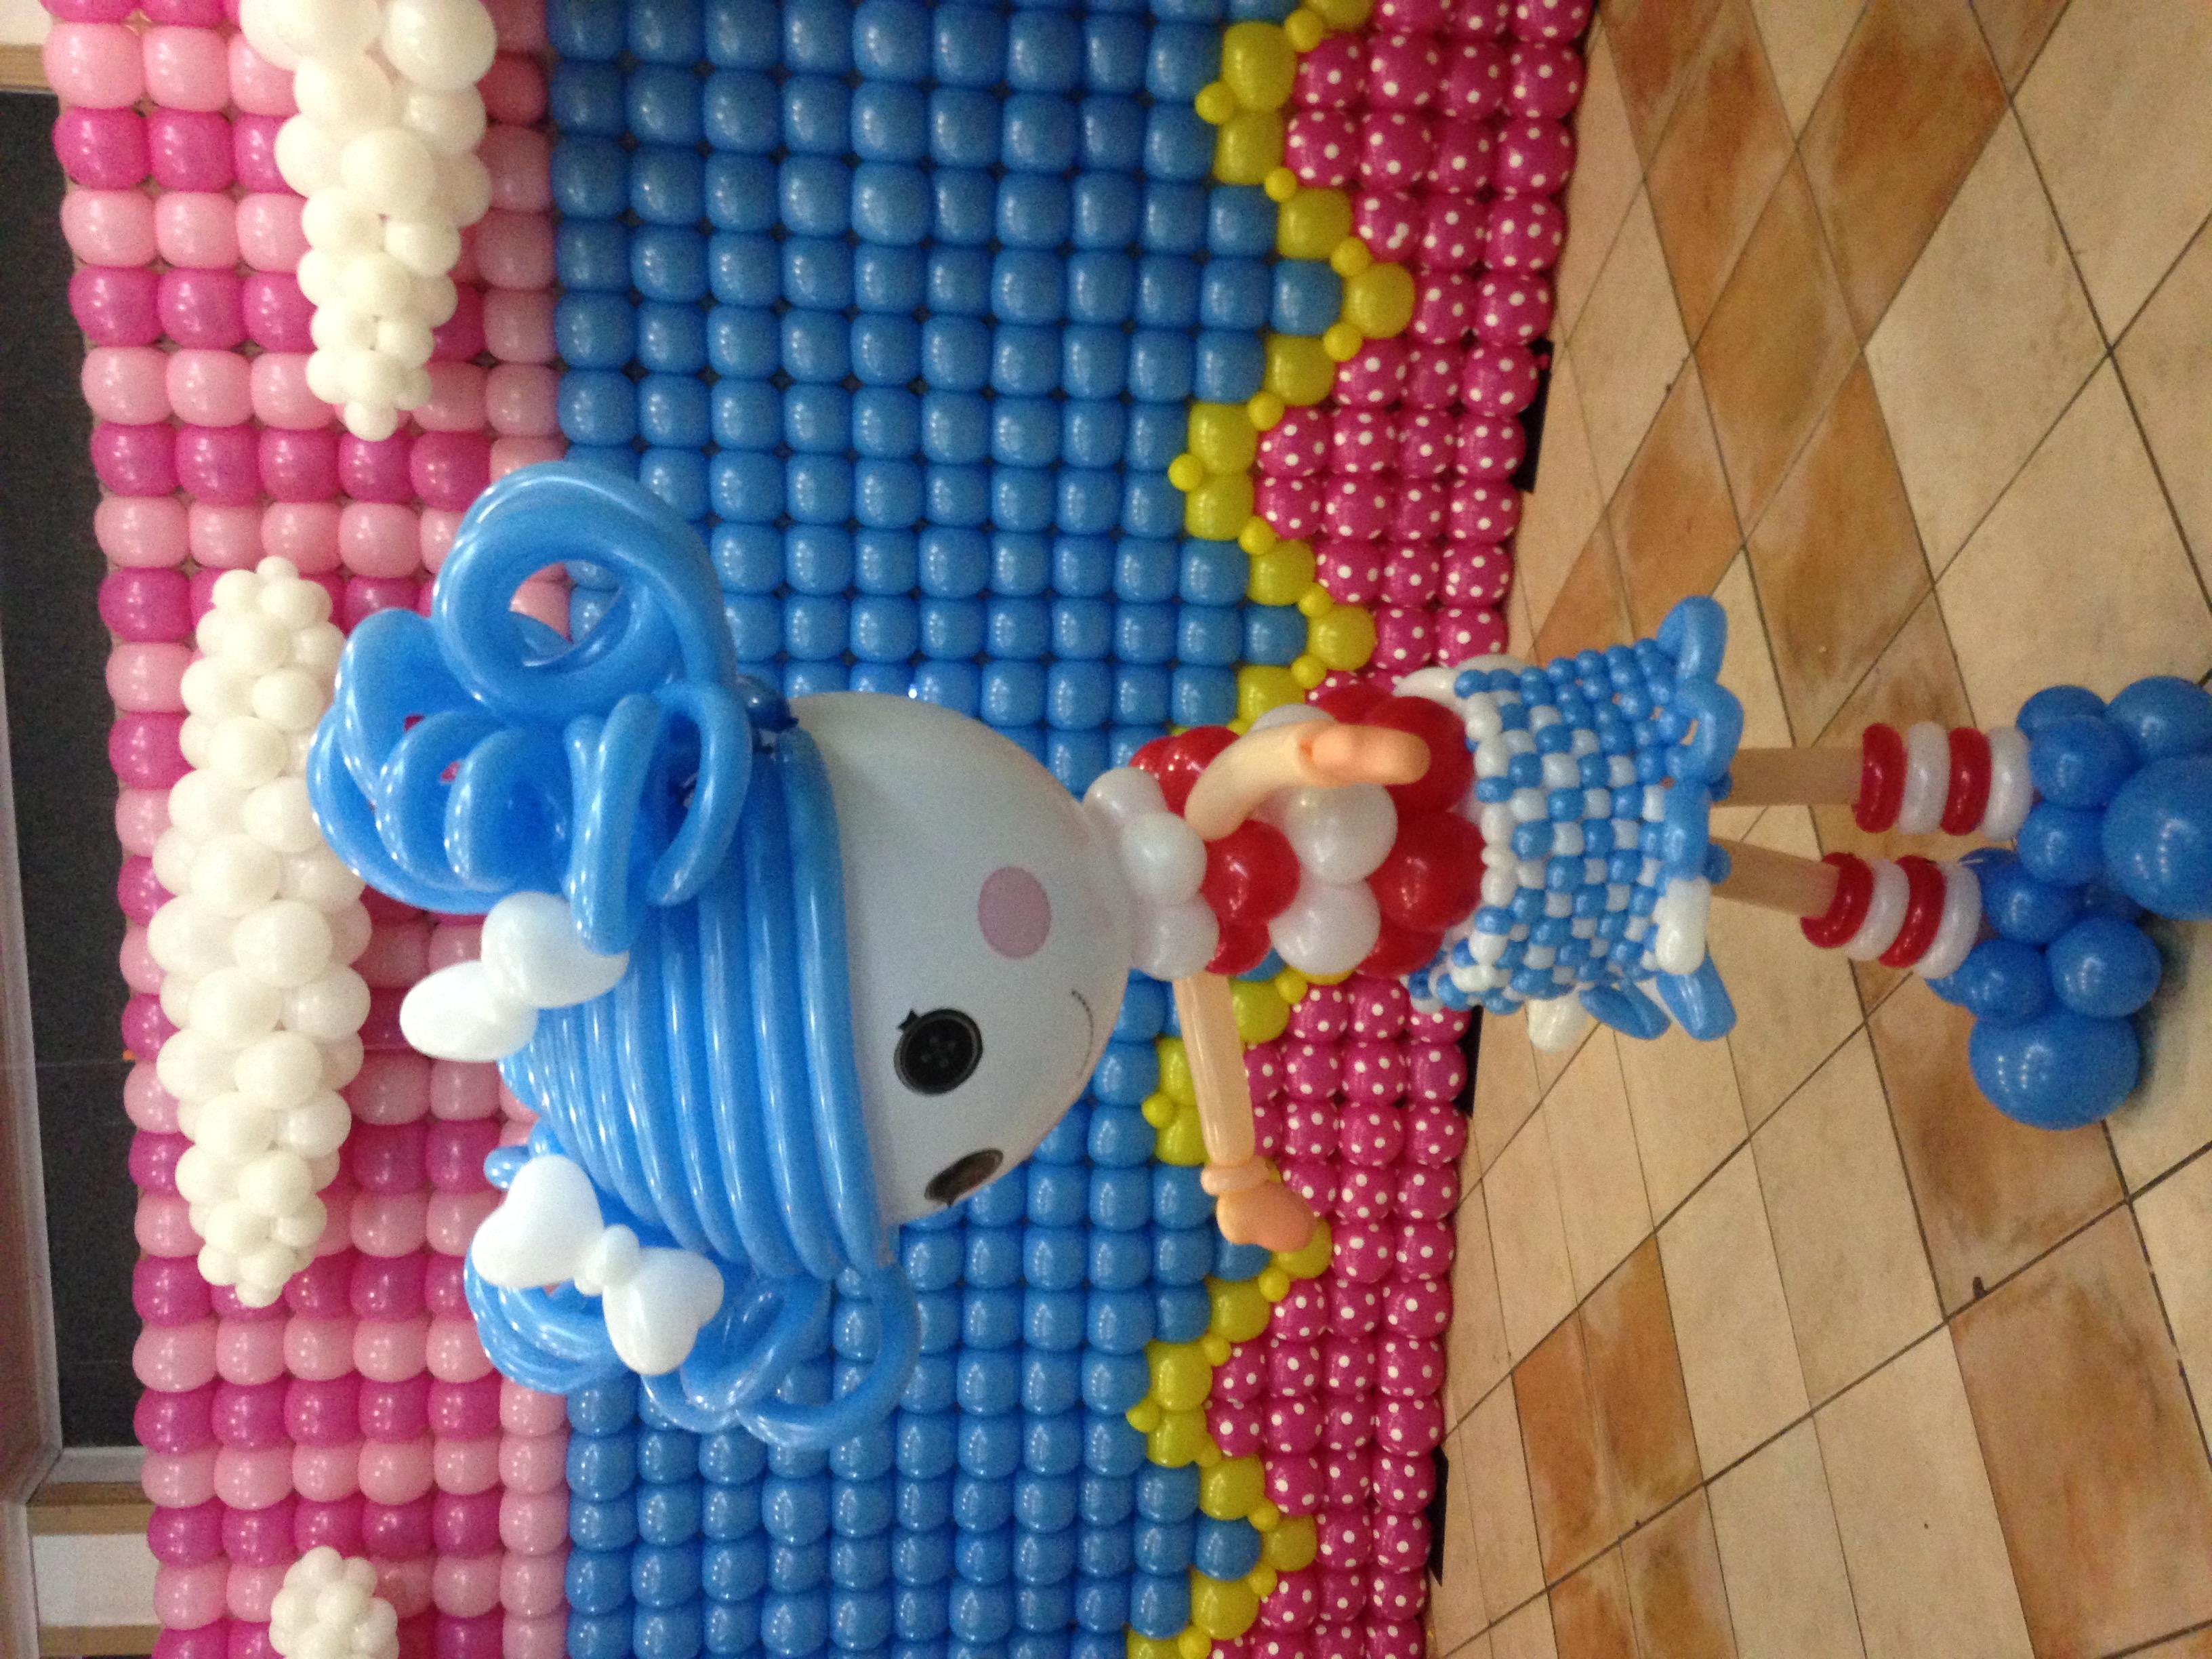 muñeca con globos